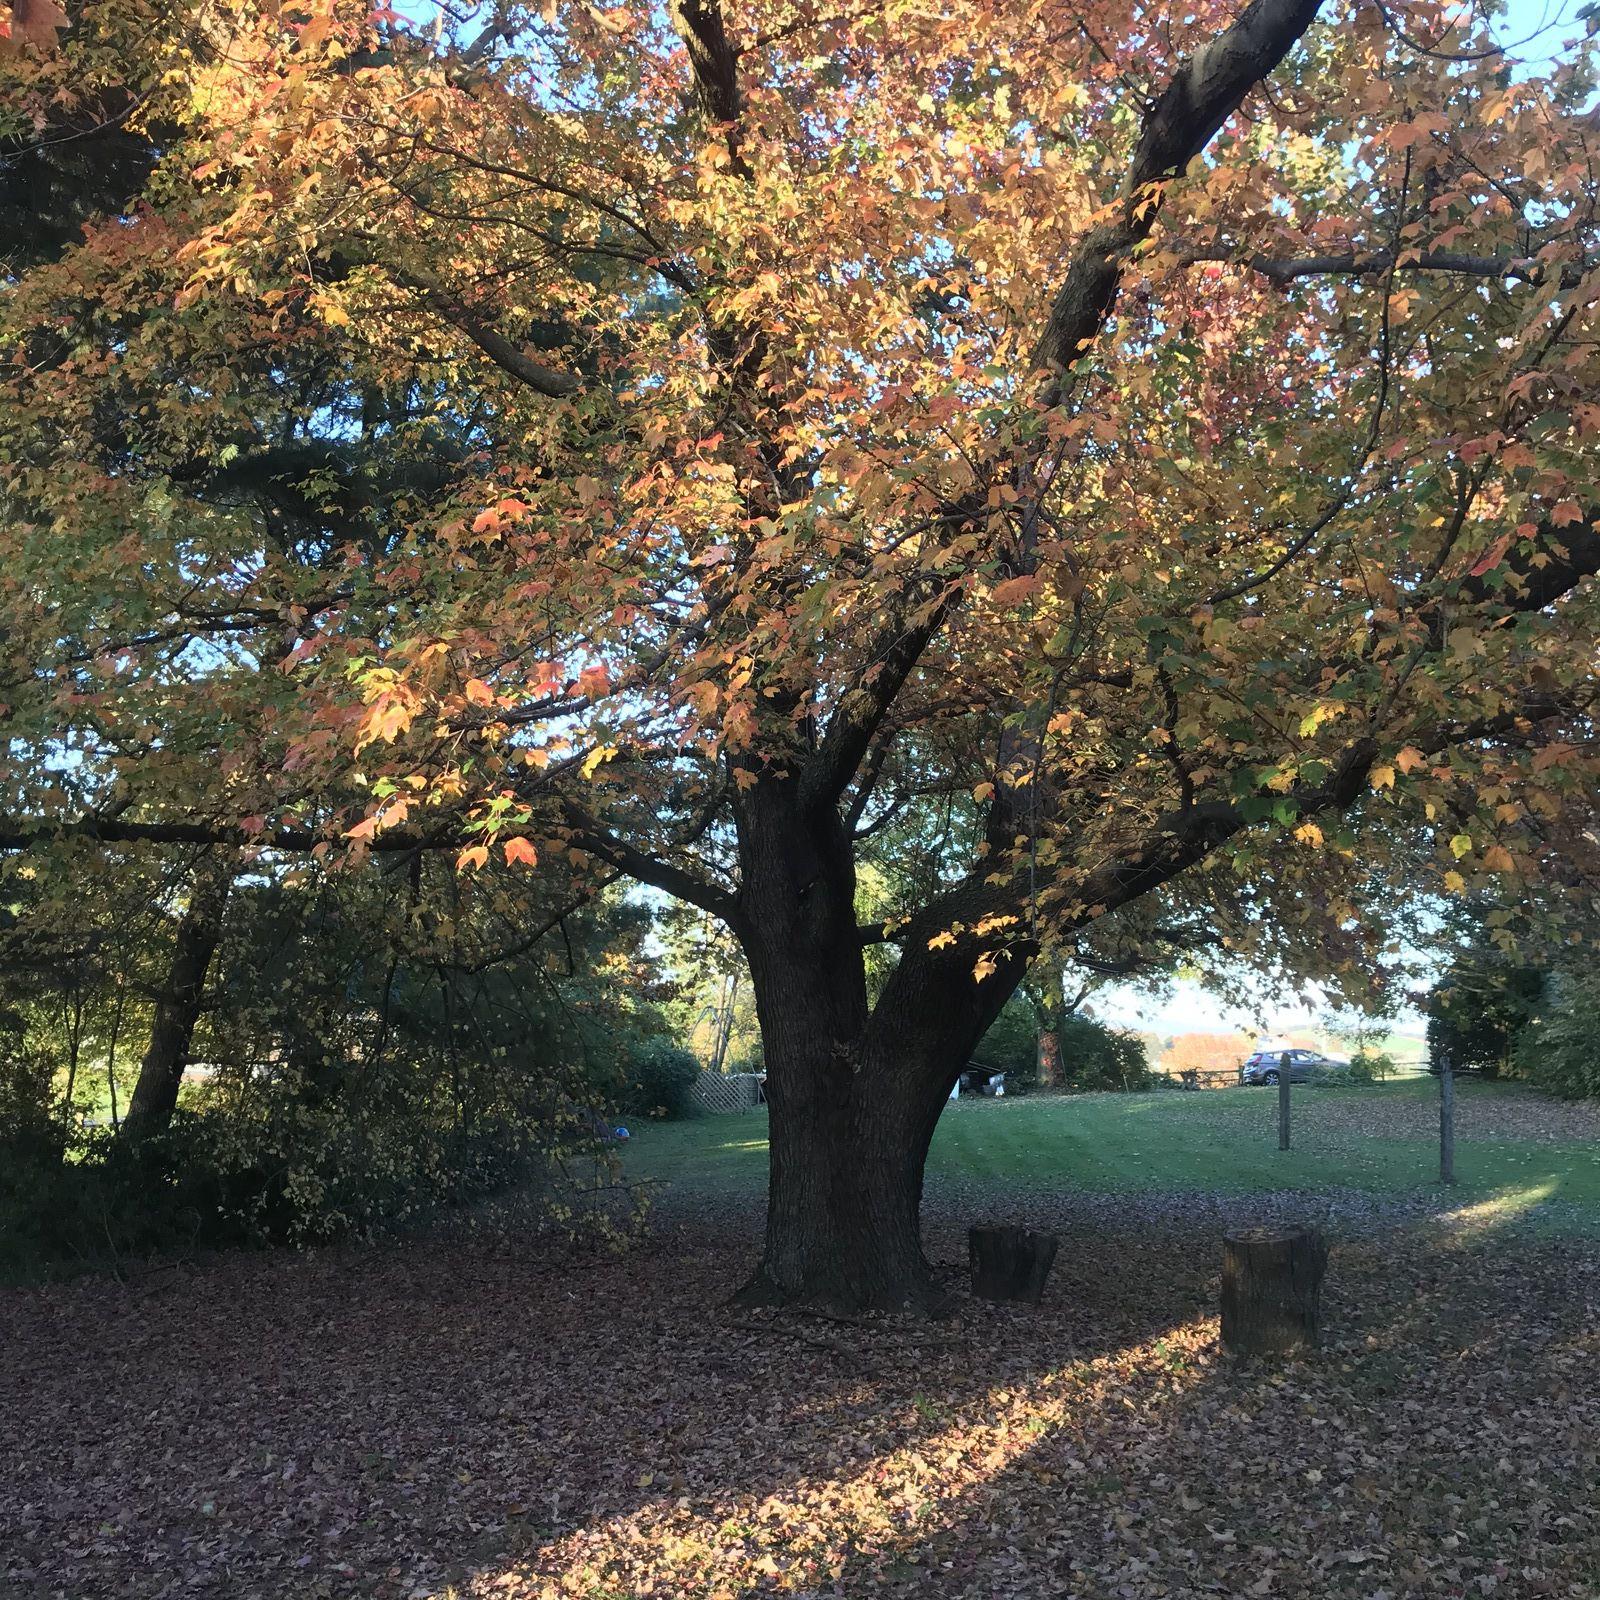 L'automne est presque fini! Bientôt plus de feuilles!